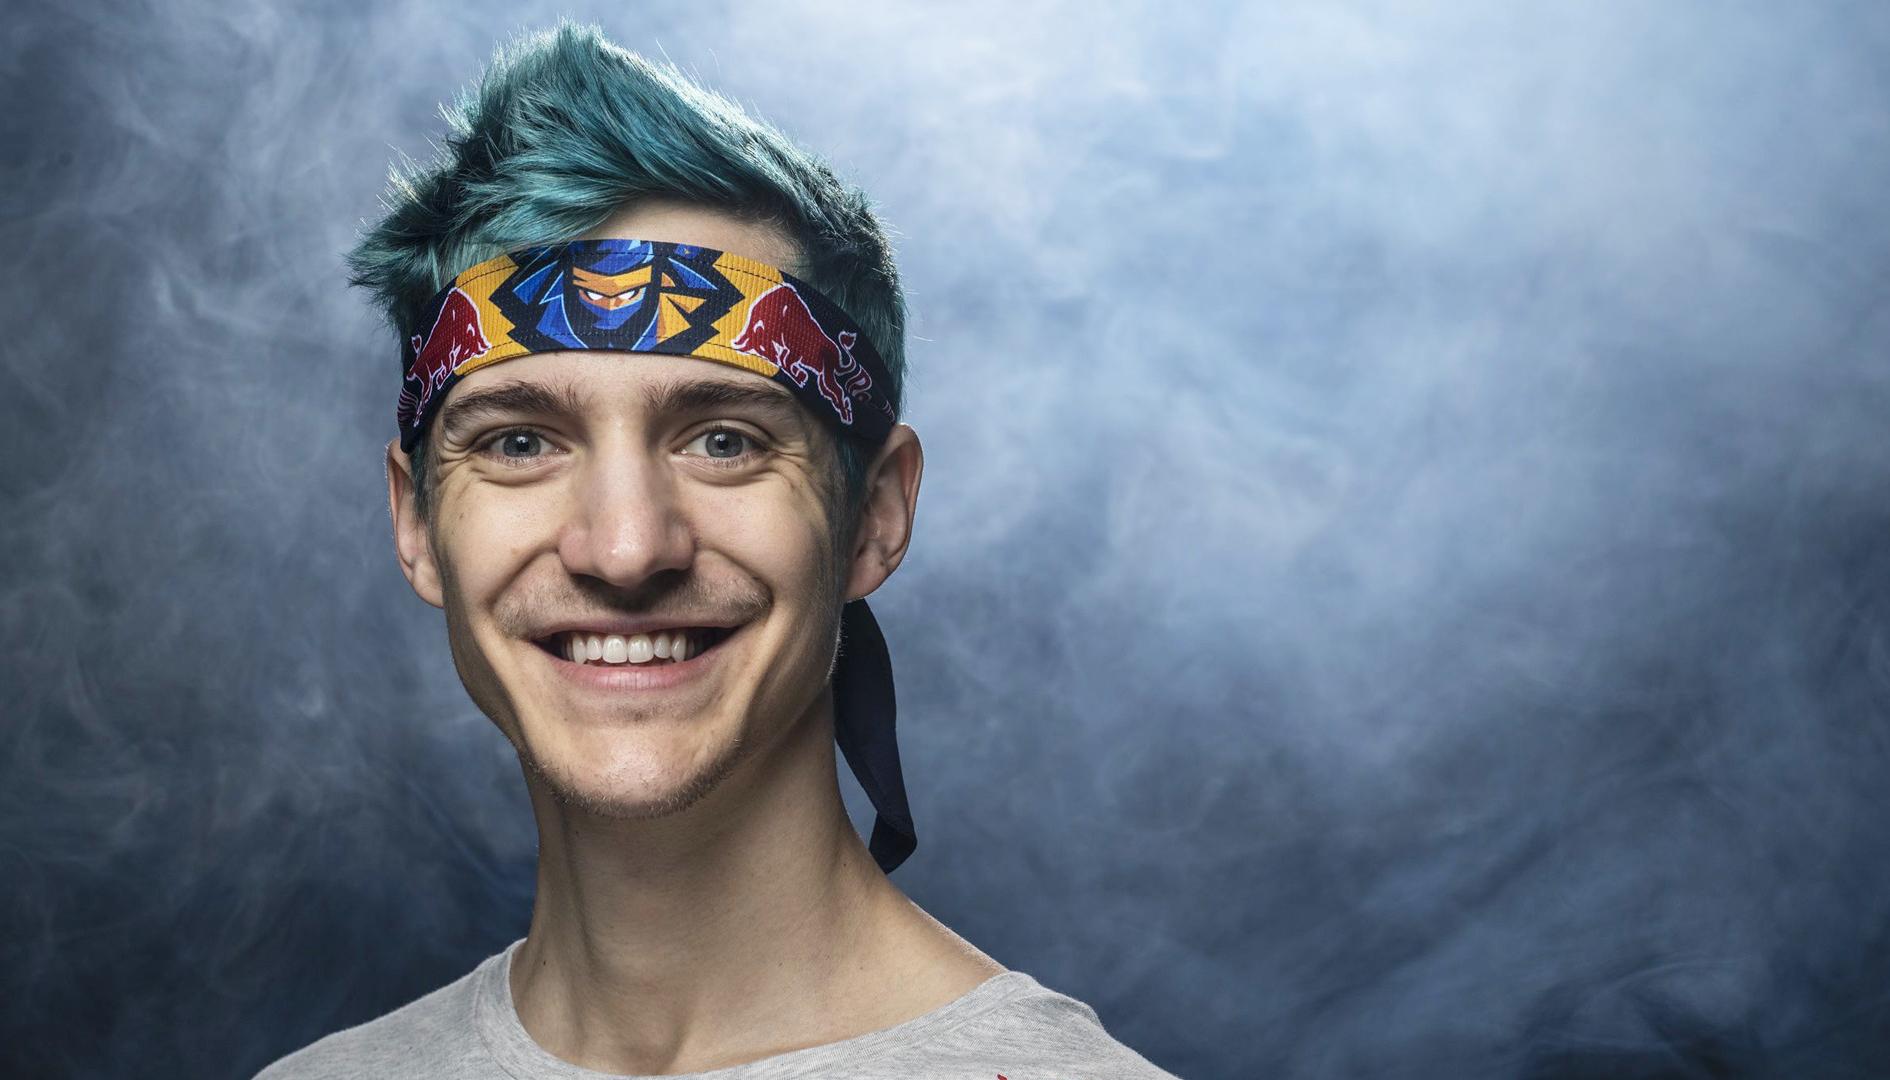 Ninja è il giocatore più ricco del mondo secondo Forbes